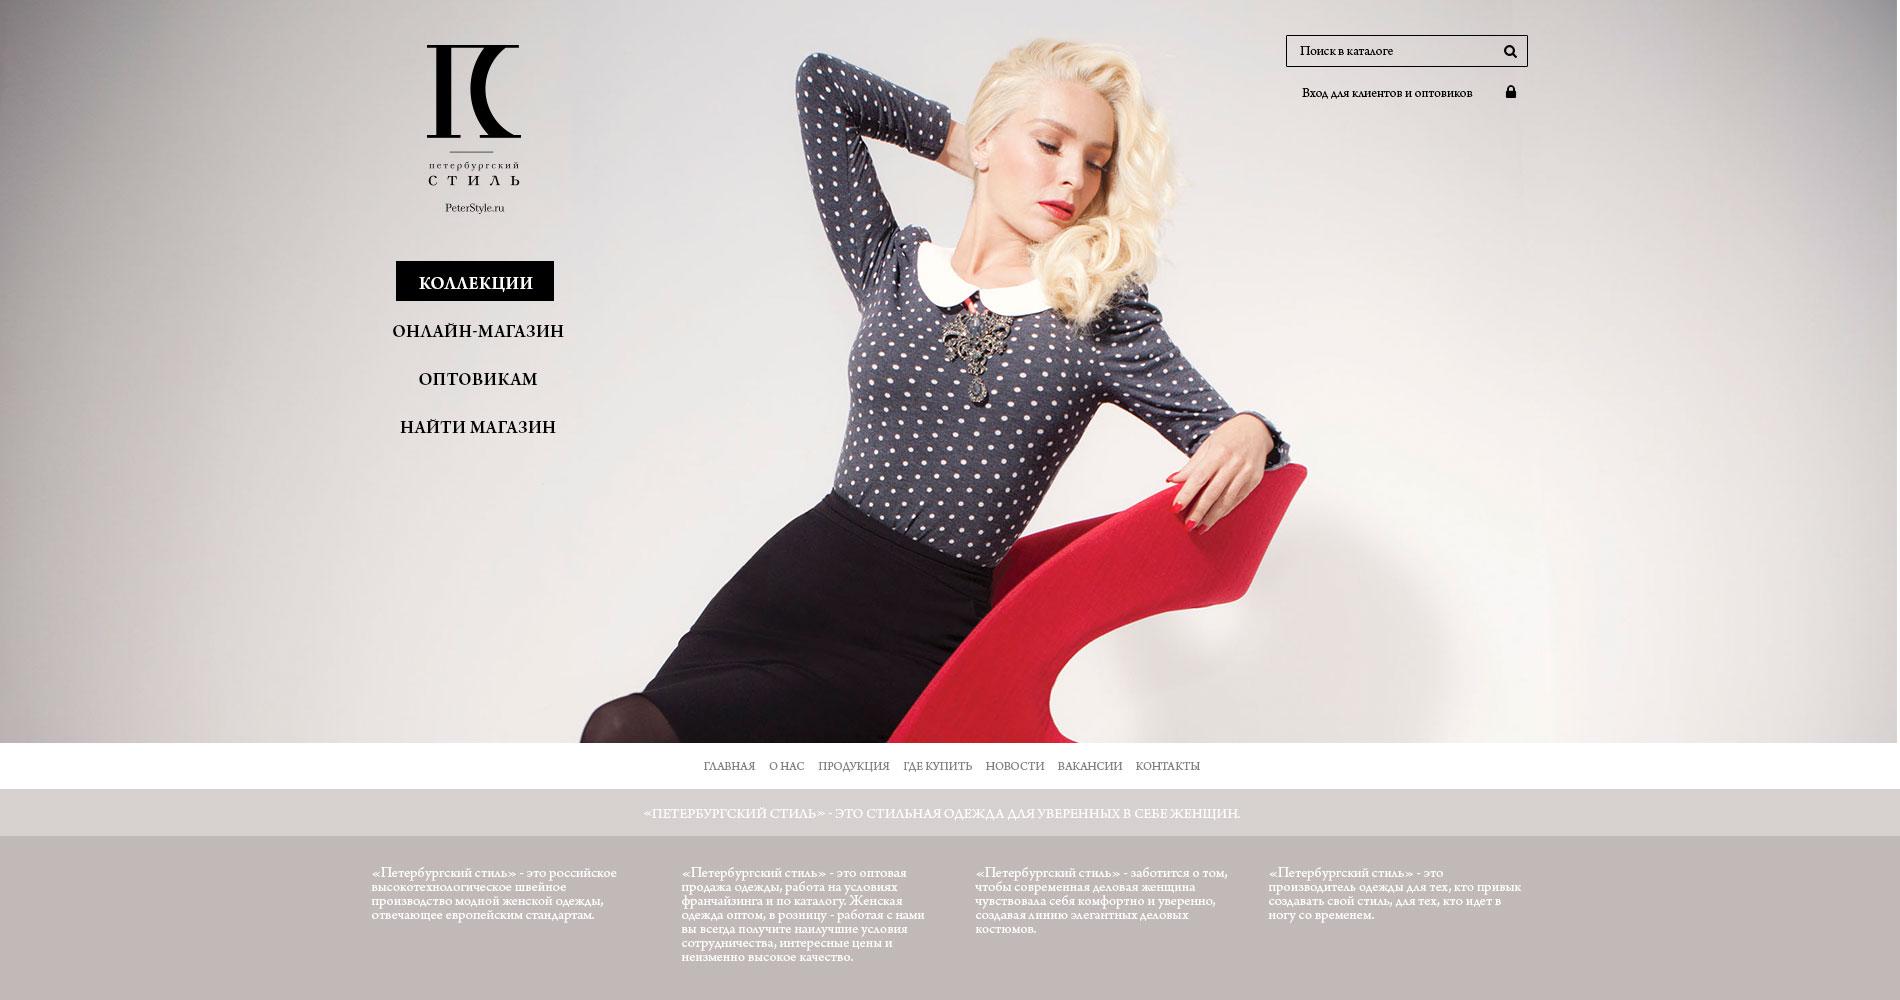 0feac14e7a3 Петербургский стиль - интернет-магазин модной женской одежды